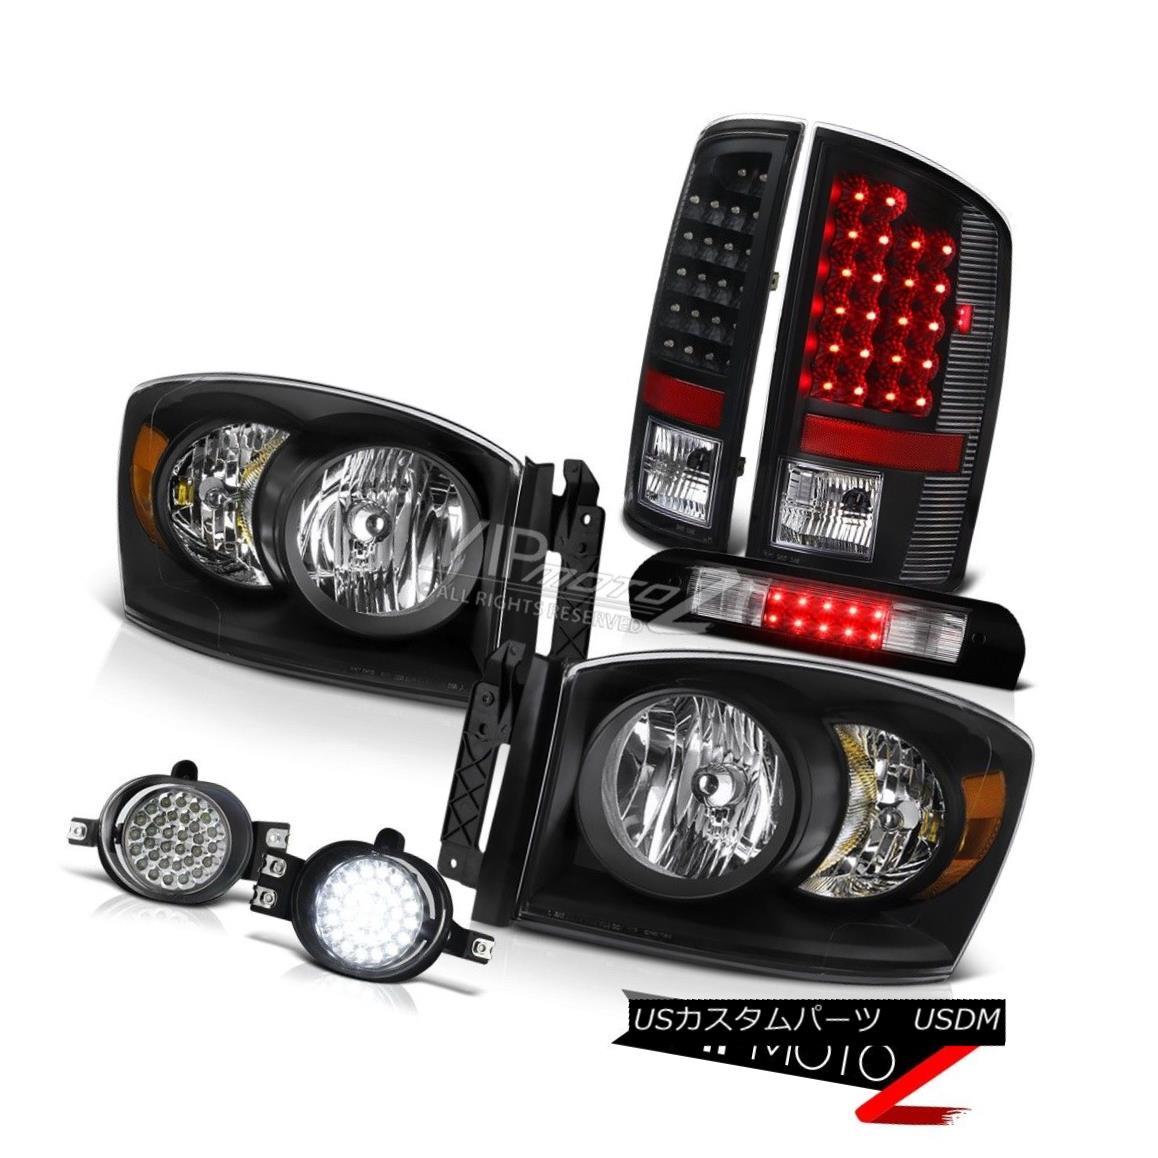 ヘッドライト Raven Black Headlamps Bright LED Taillight Foglamp Third Brake 2006 Dodge Ram WS Raven BlackヘッドランプBright LED Taillight Foglamp第3ブレーキ2006 Dodge Ram WS